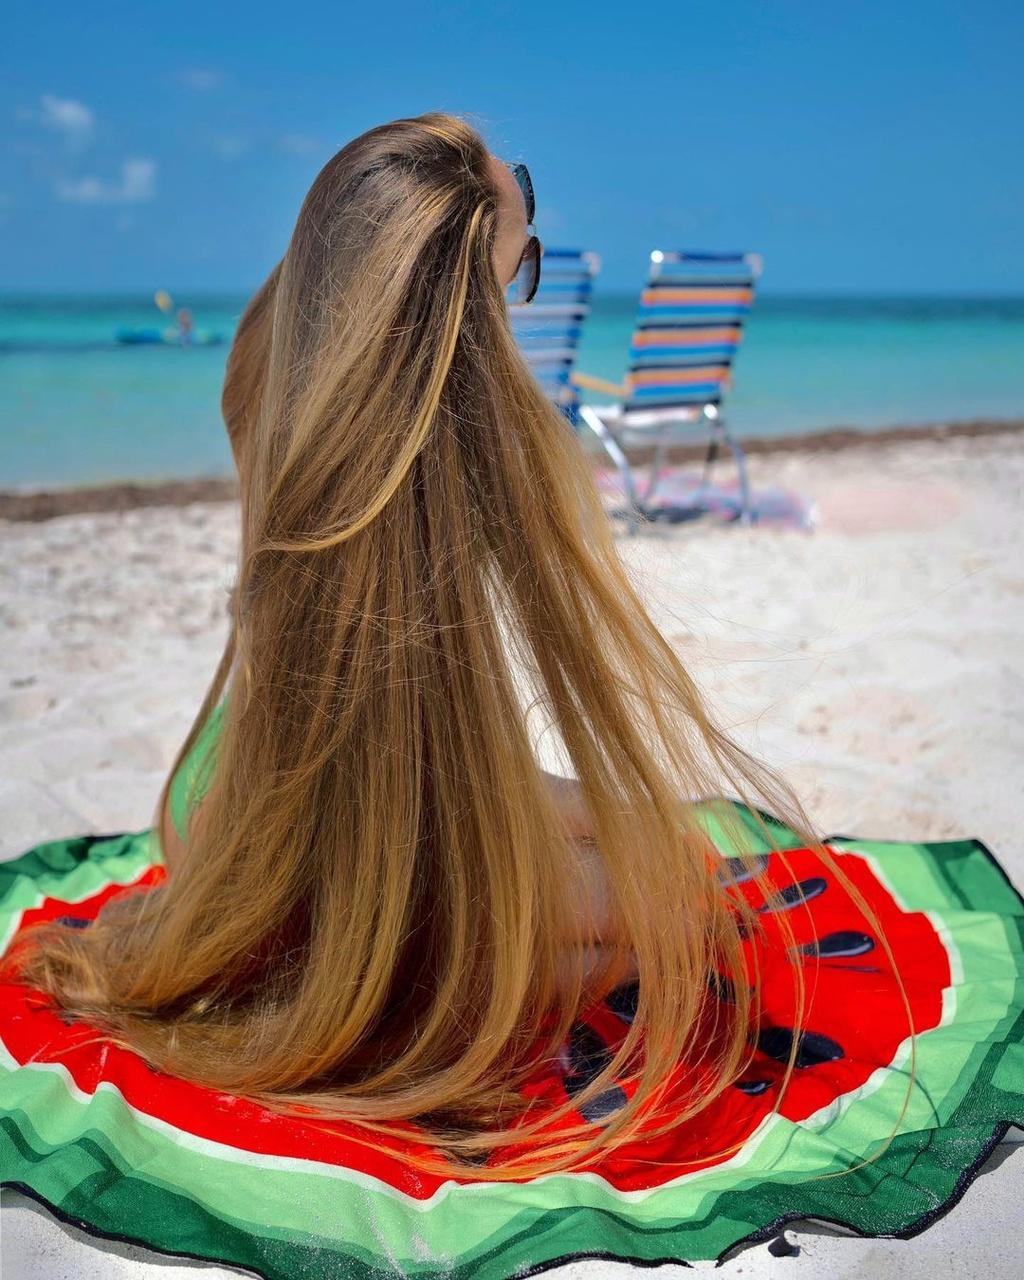 Được nhiều chàng trai tán tỉnh nhờ mái tóc dài 1,47 m - ảnh 3